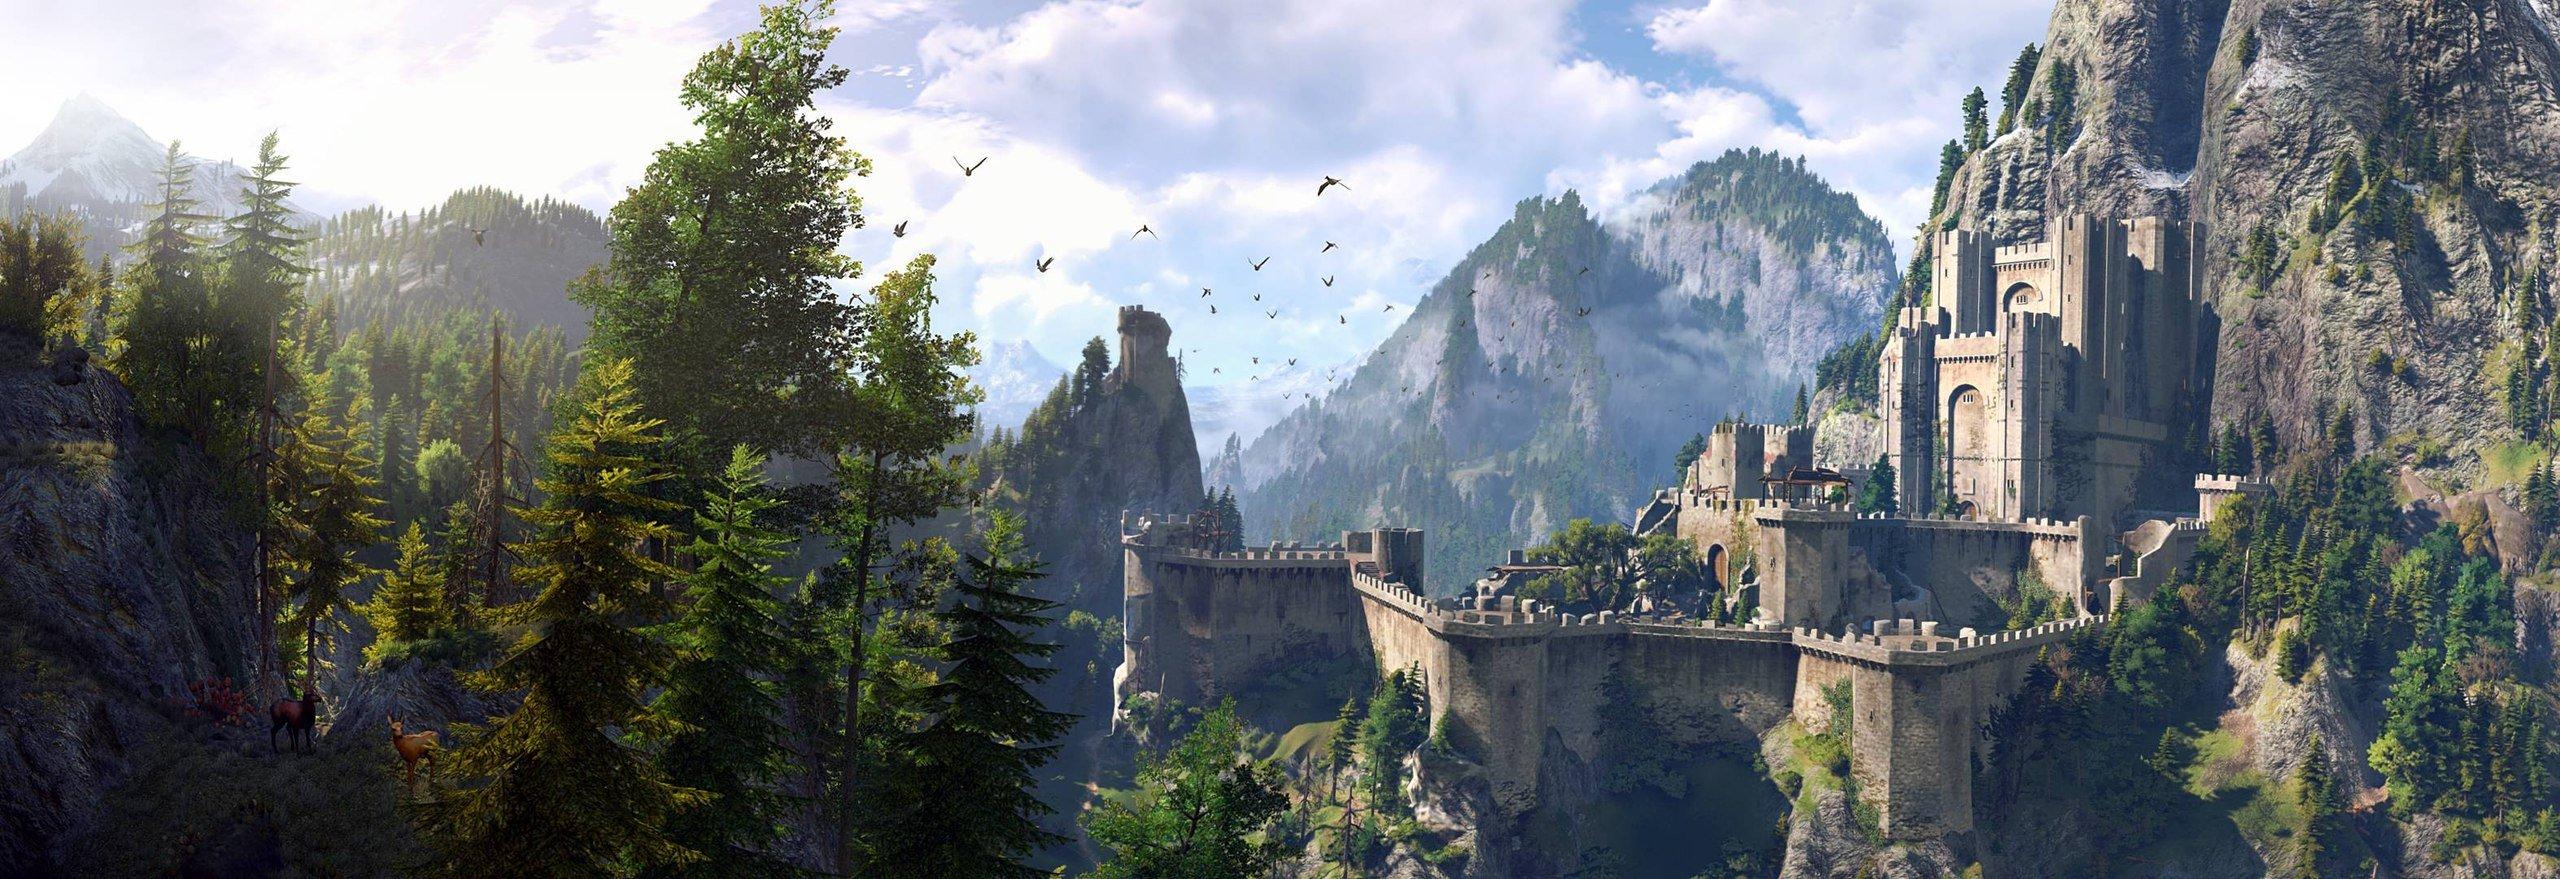 The Witcher 3: Wild Hunt. Все главное за прошедшее время и предстоящий показ.    После церемонии награждение TGA и п ... - Изображение 15